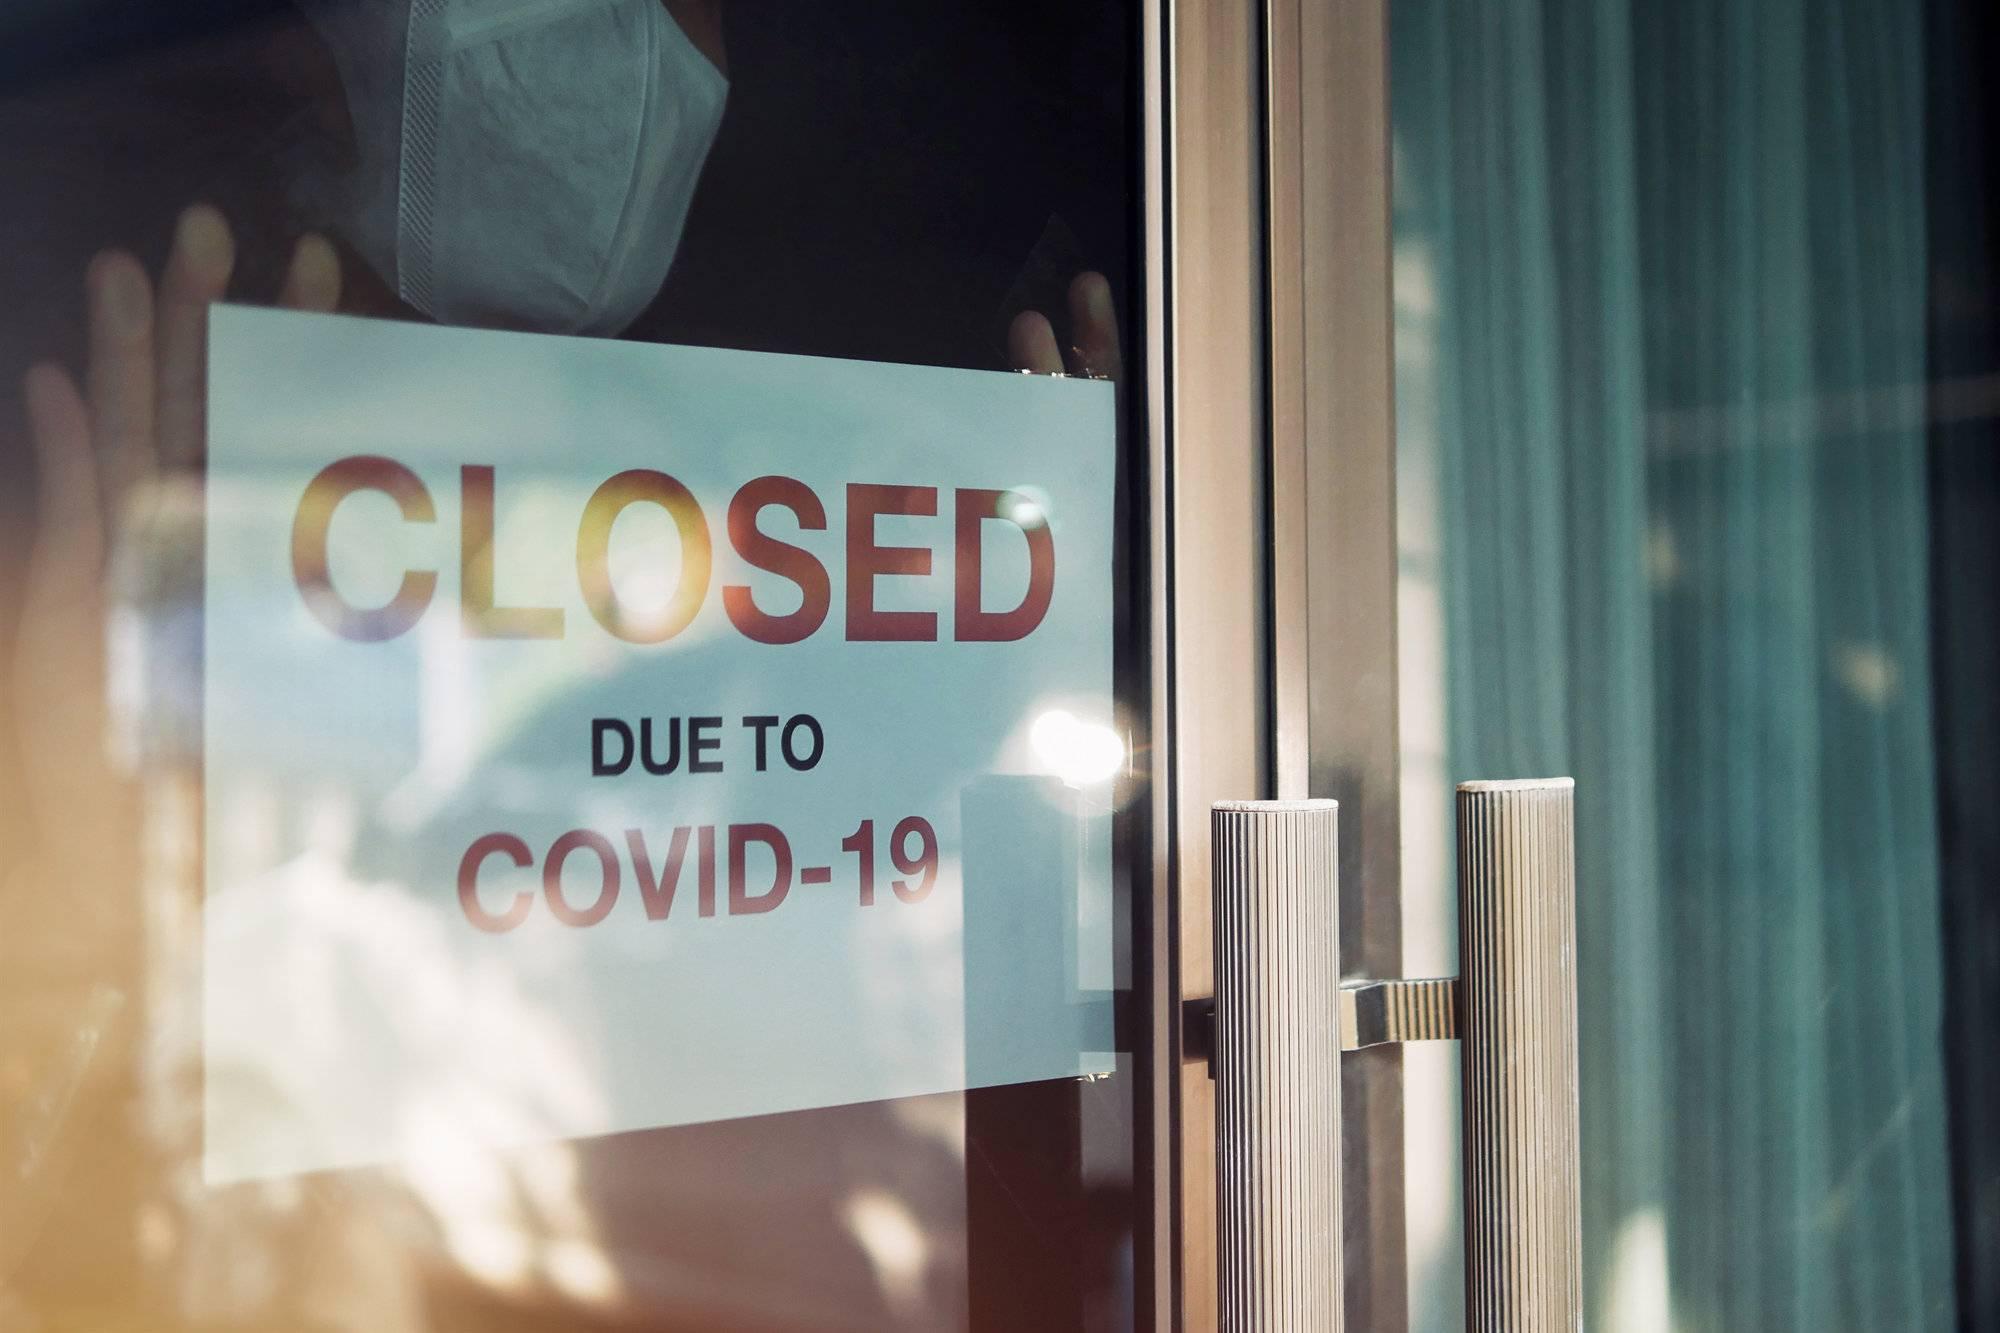 Финляндия ввела жесткий карантин из-за ухудшения ситуации с COVID-19